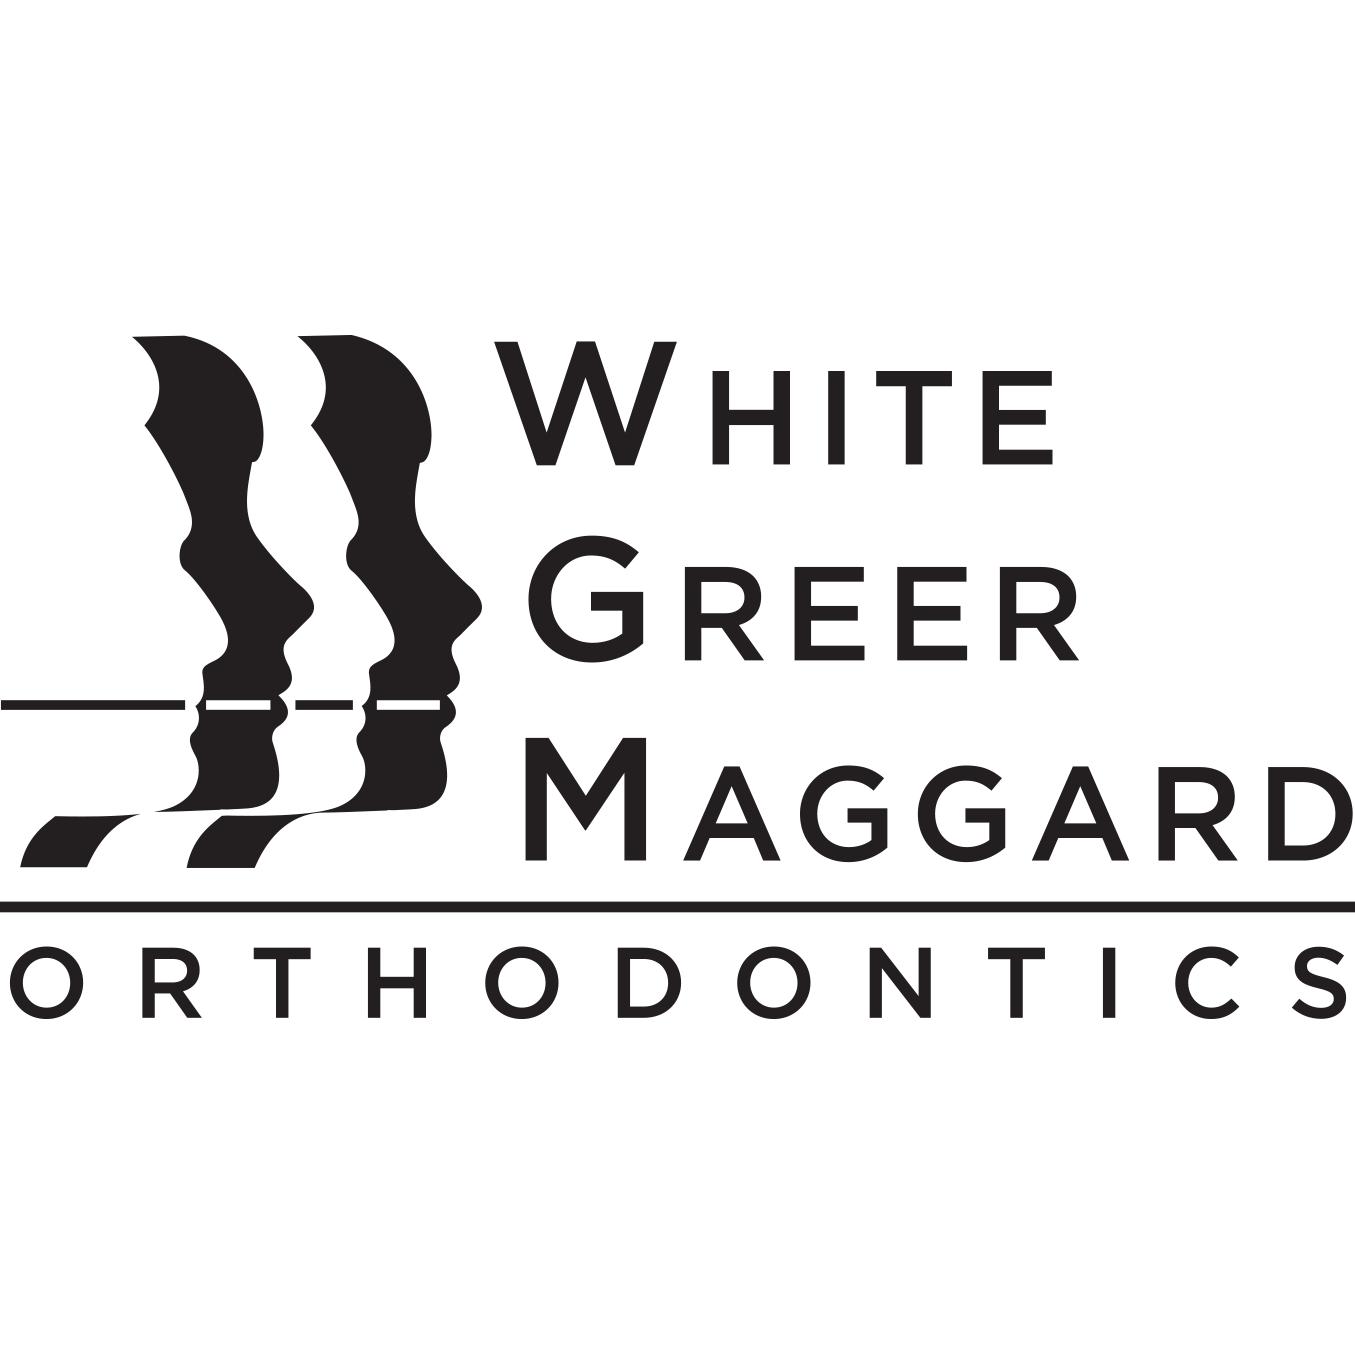 Dr. Lisa Klemenz - White, Greer & Maggard Orthodontics